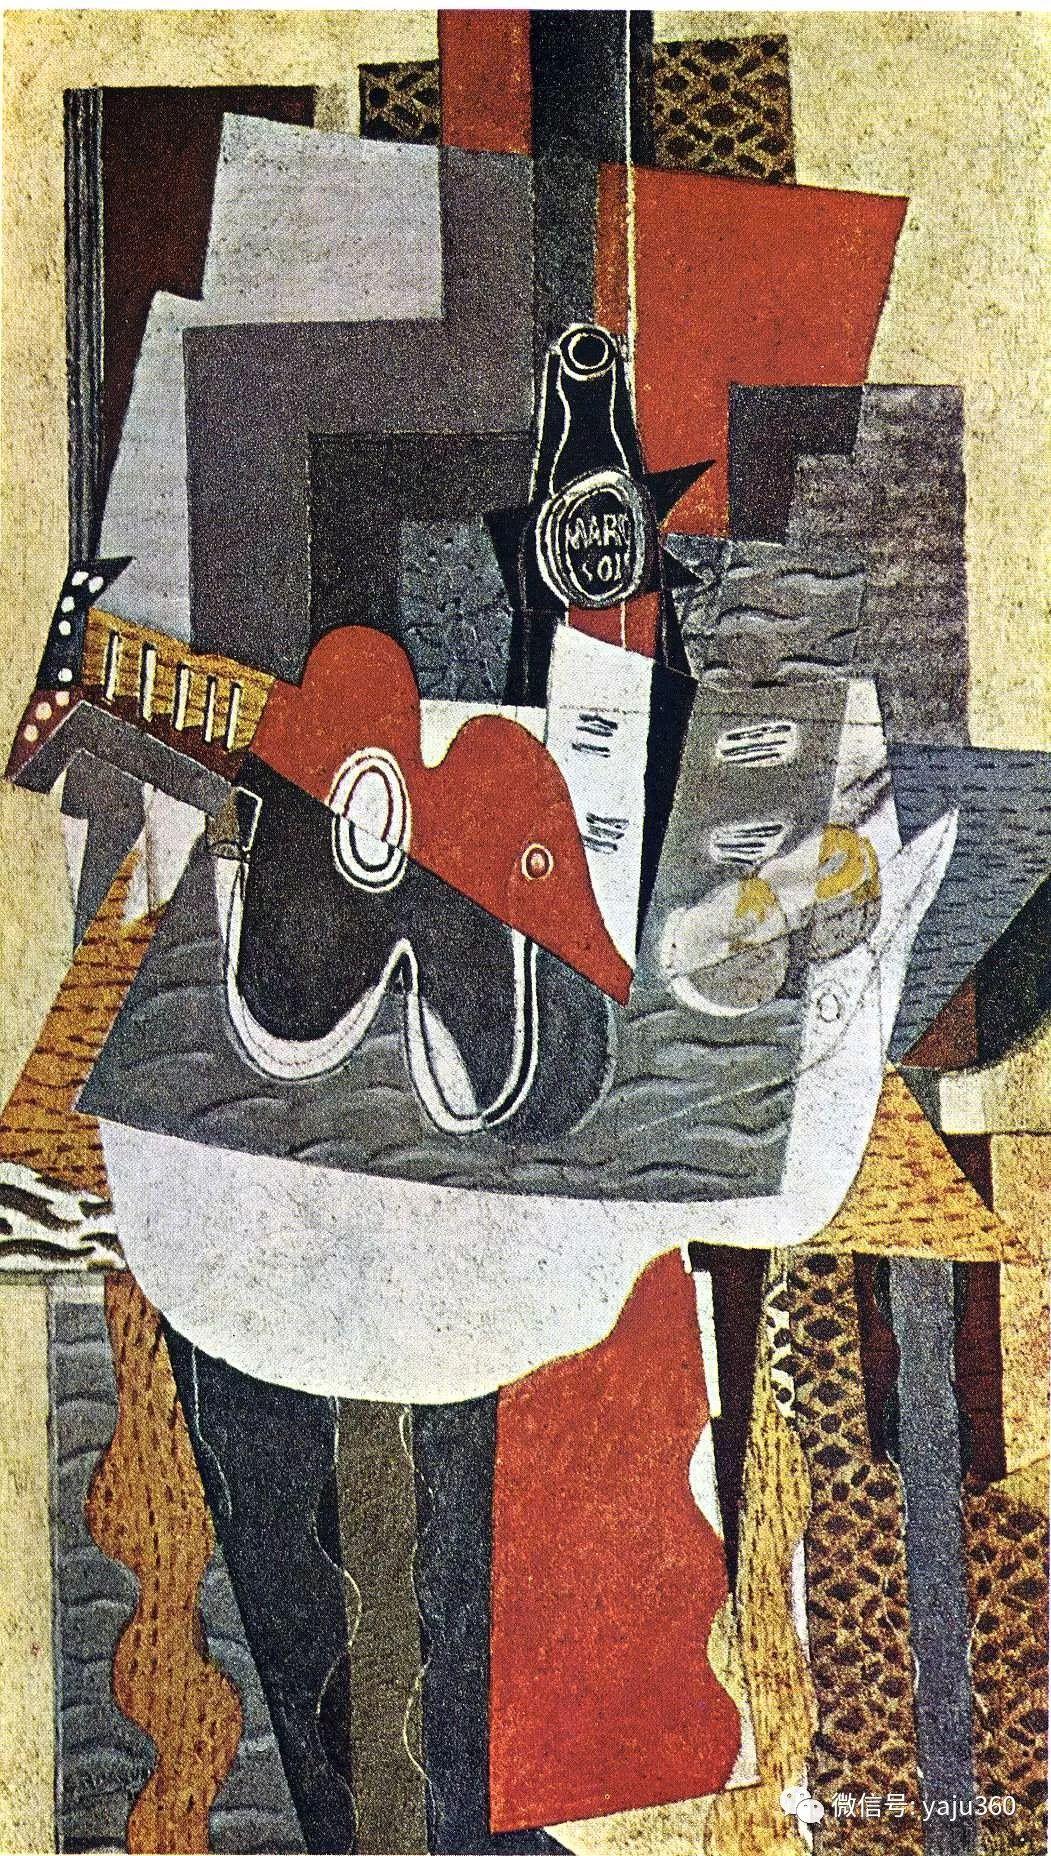 立体主义代表 法国画家乔治·勃拉克插图77